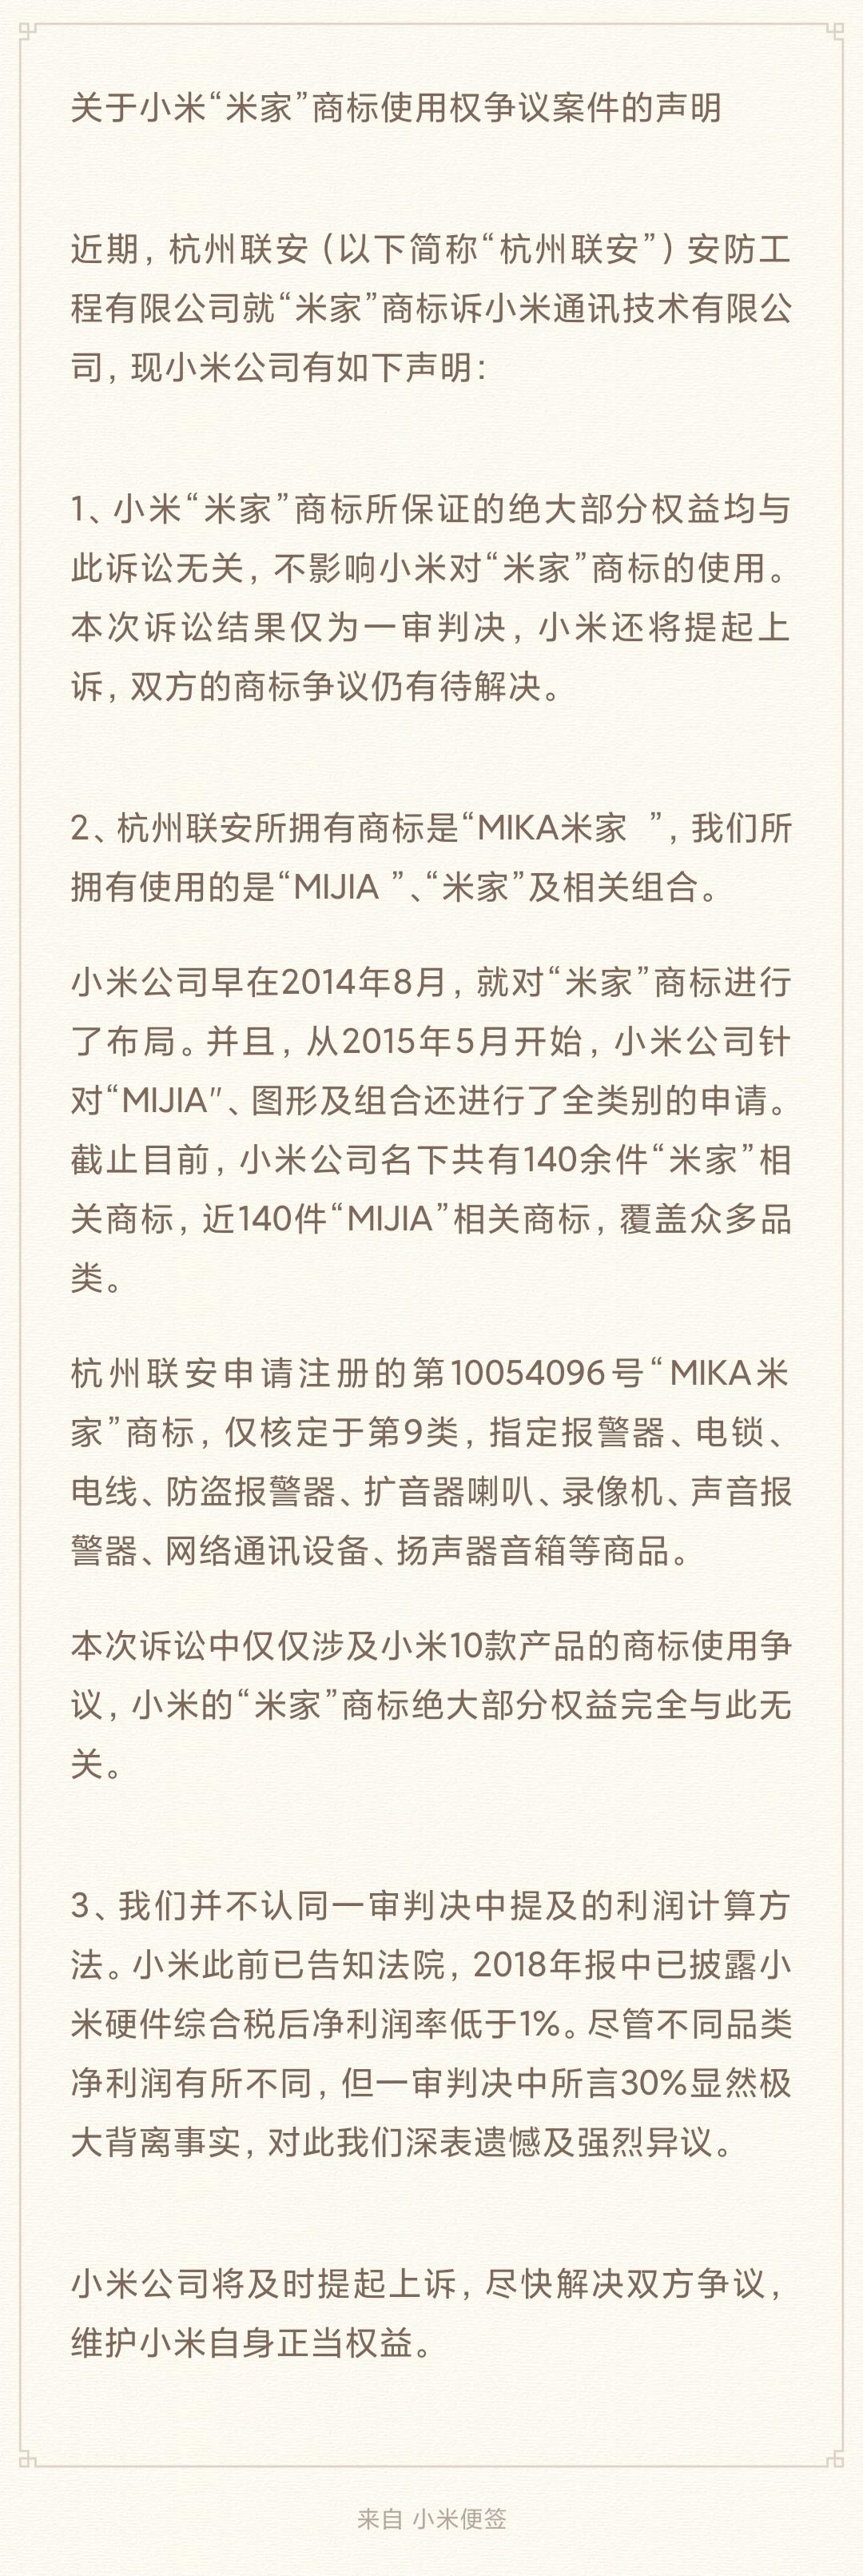 小米回應米家商標爭議: 不影響商標使用 將提起上訴